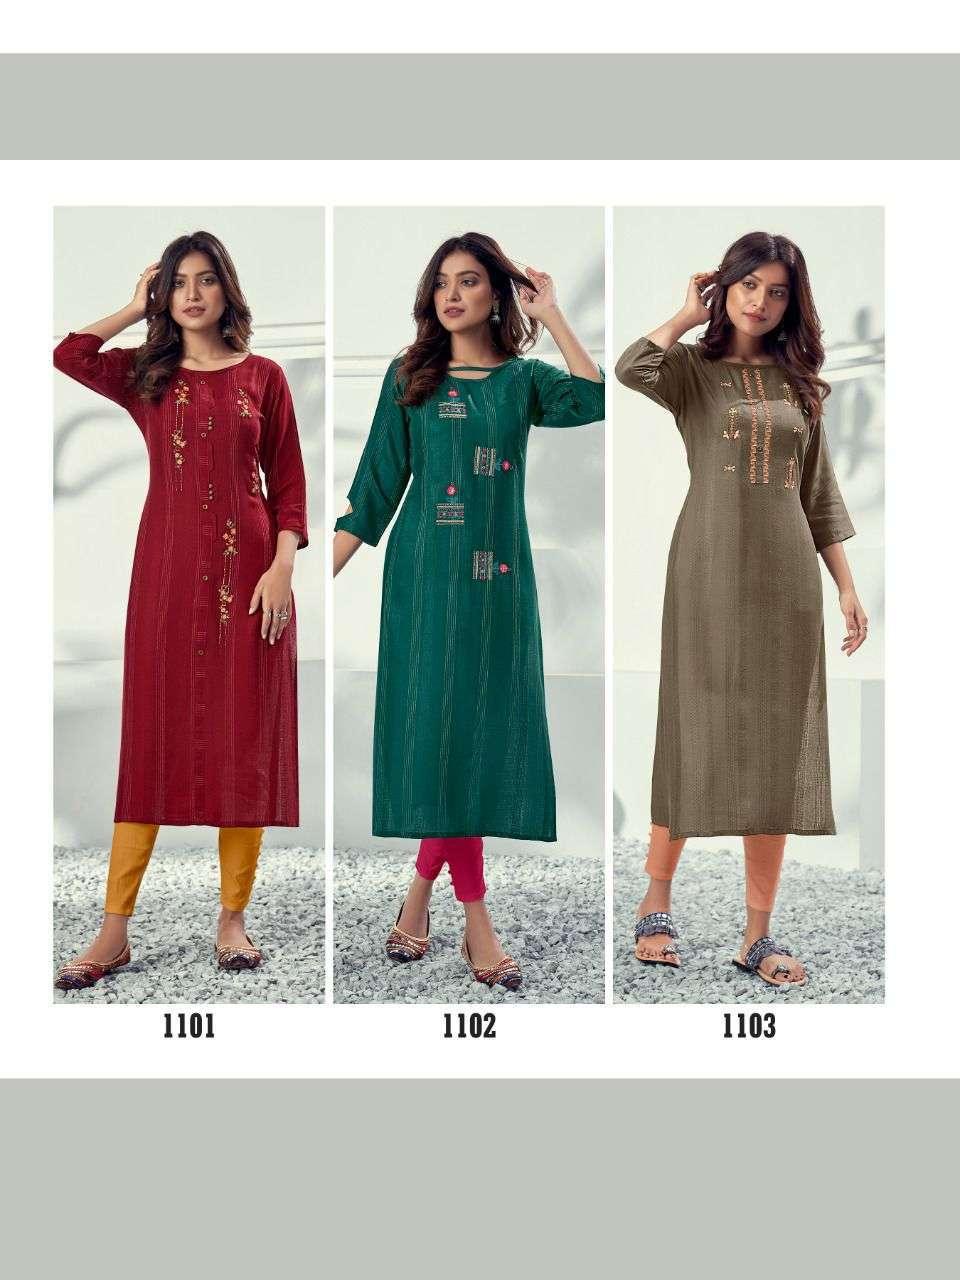 Riya designer Alivia Rayon With Embroidery khatli Work Kurtis Collection